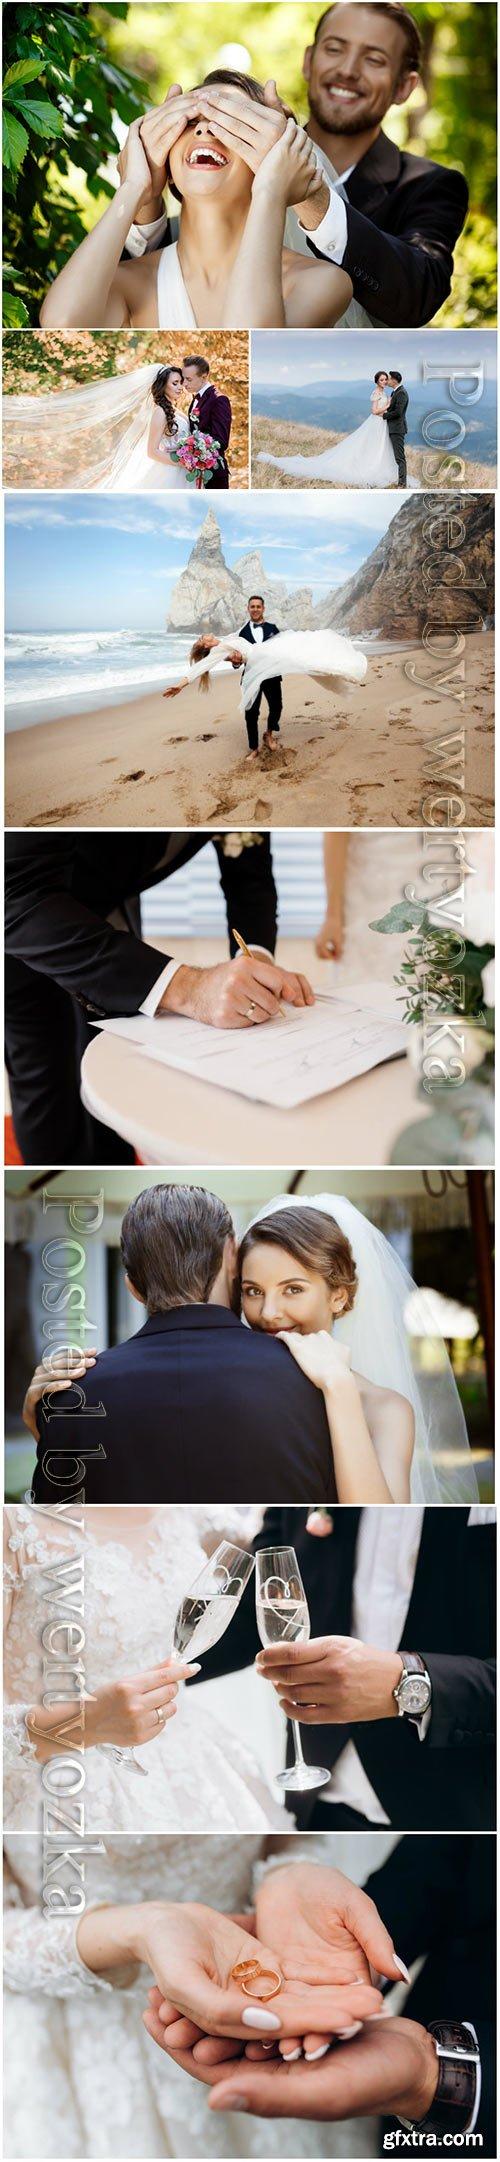 Beautiful wedding couple, bride and groom